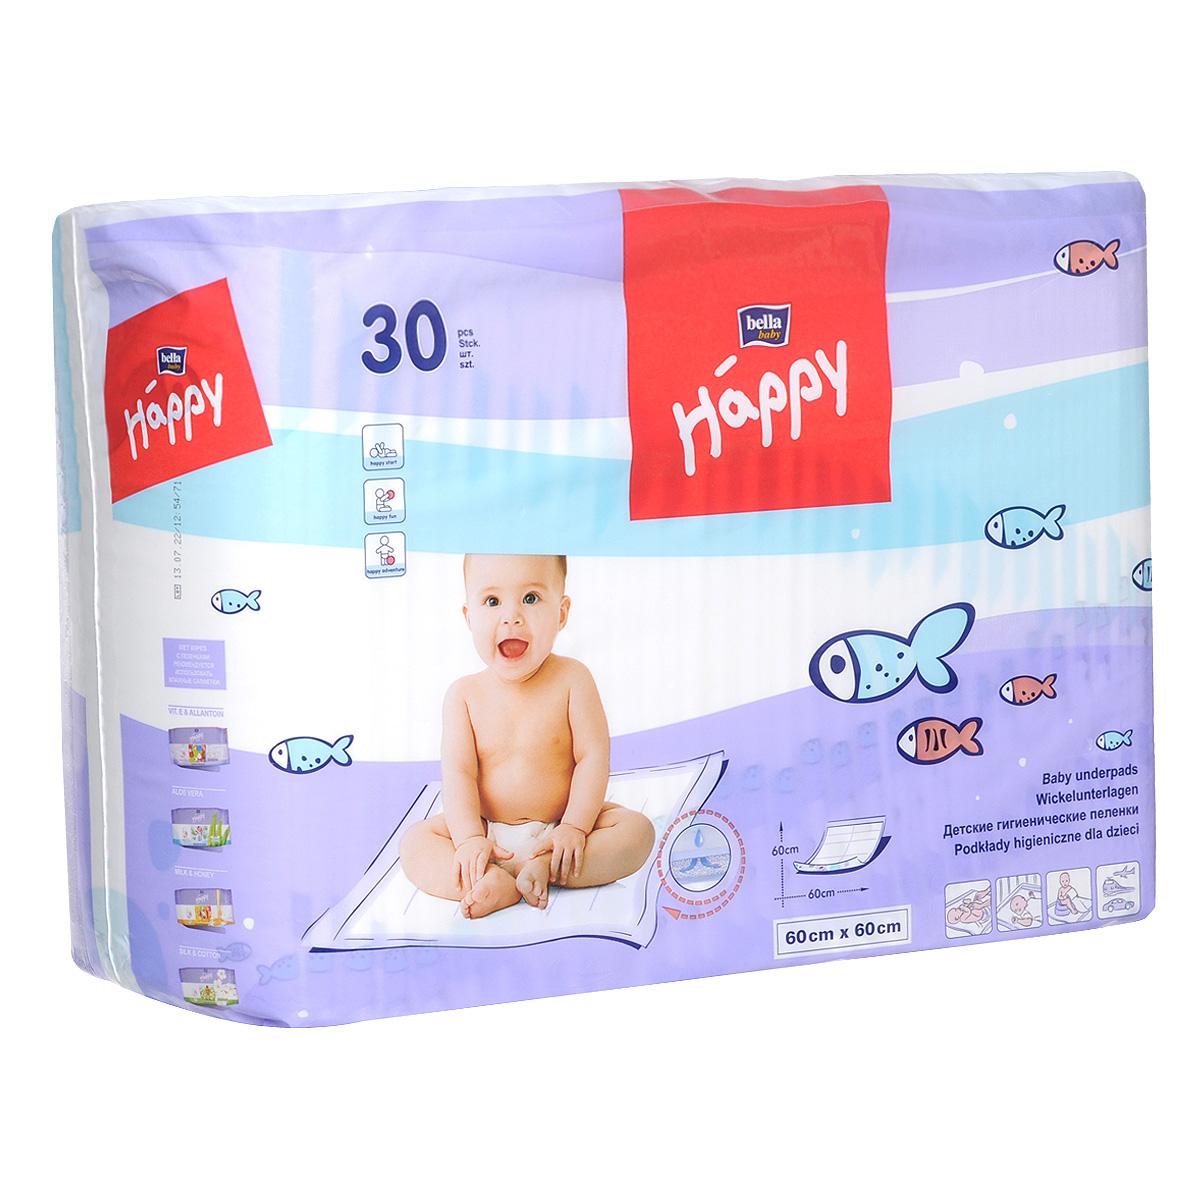 Bella Baby Happy Пеленки гигиенические, детские, 60 см x 60 см, 30 шт BB-091-6030-001